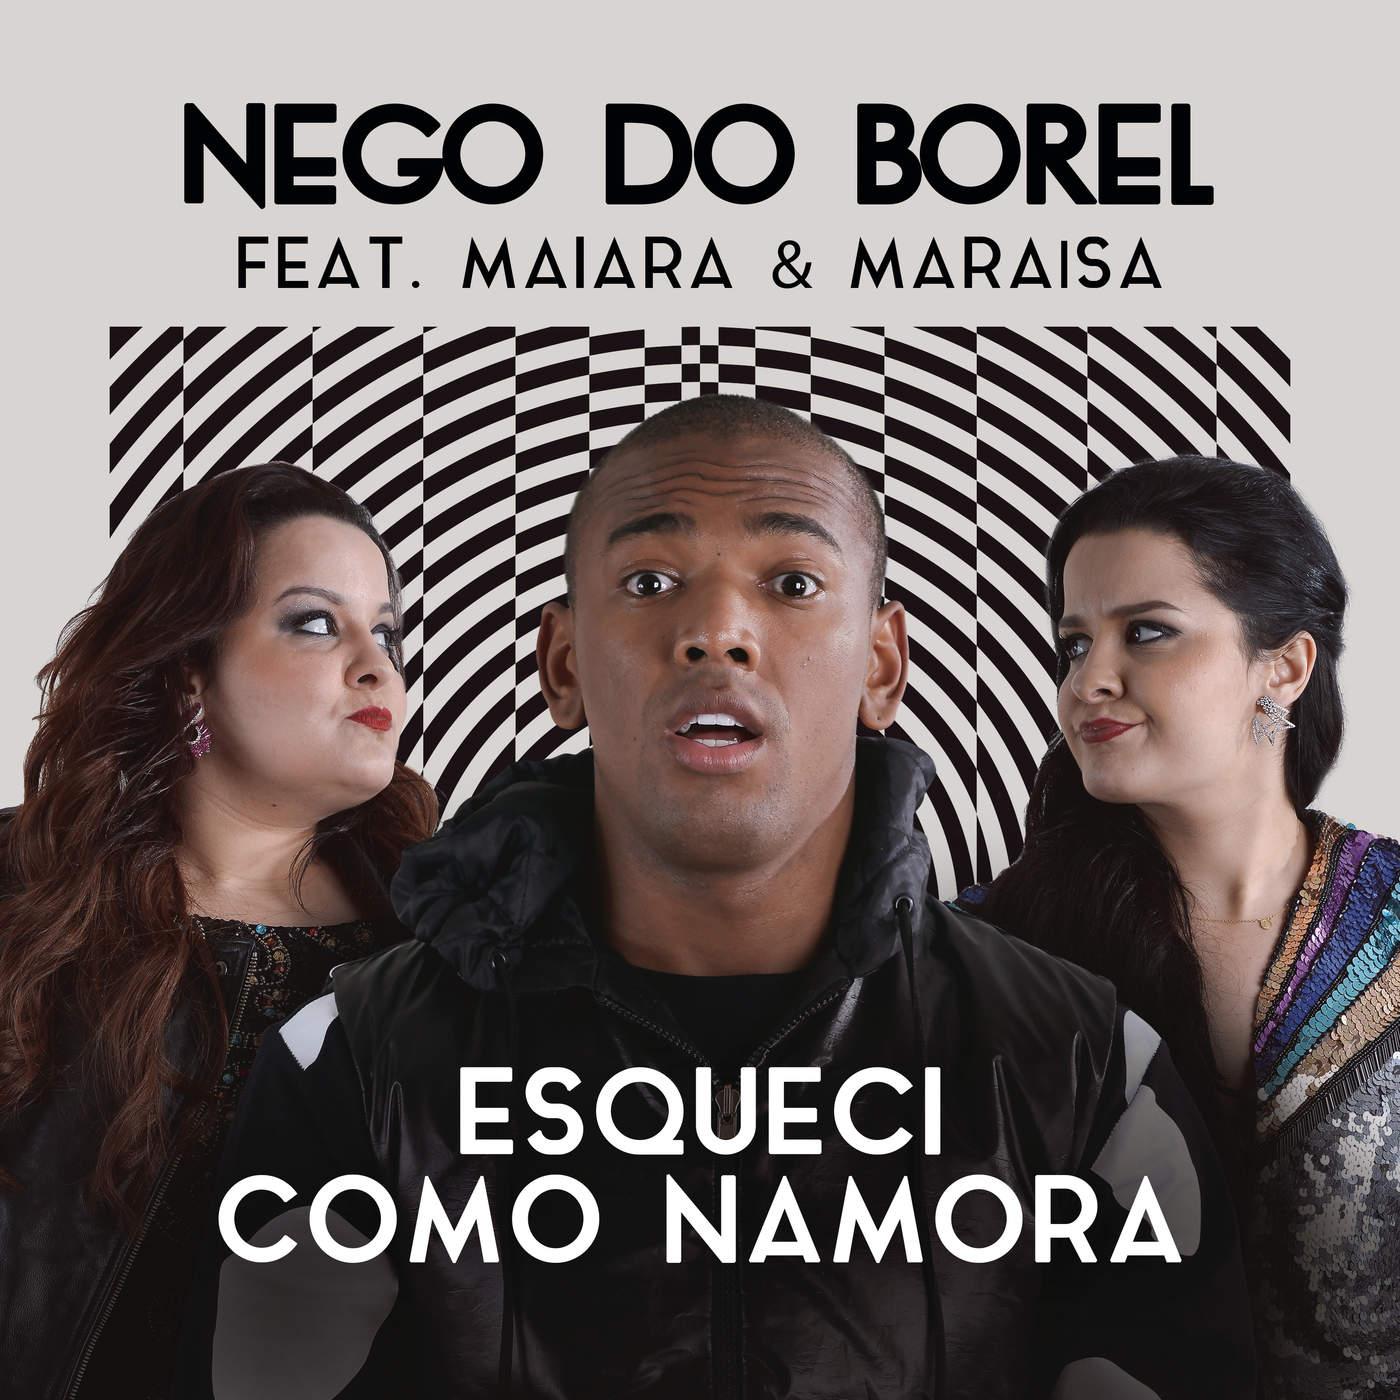 Esqueci Como Namora (Single) - Nego Do Borel